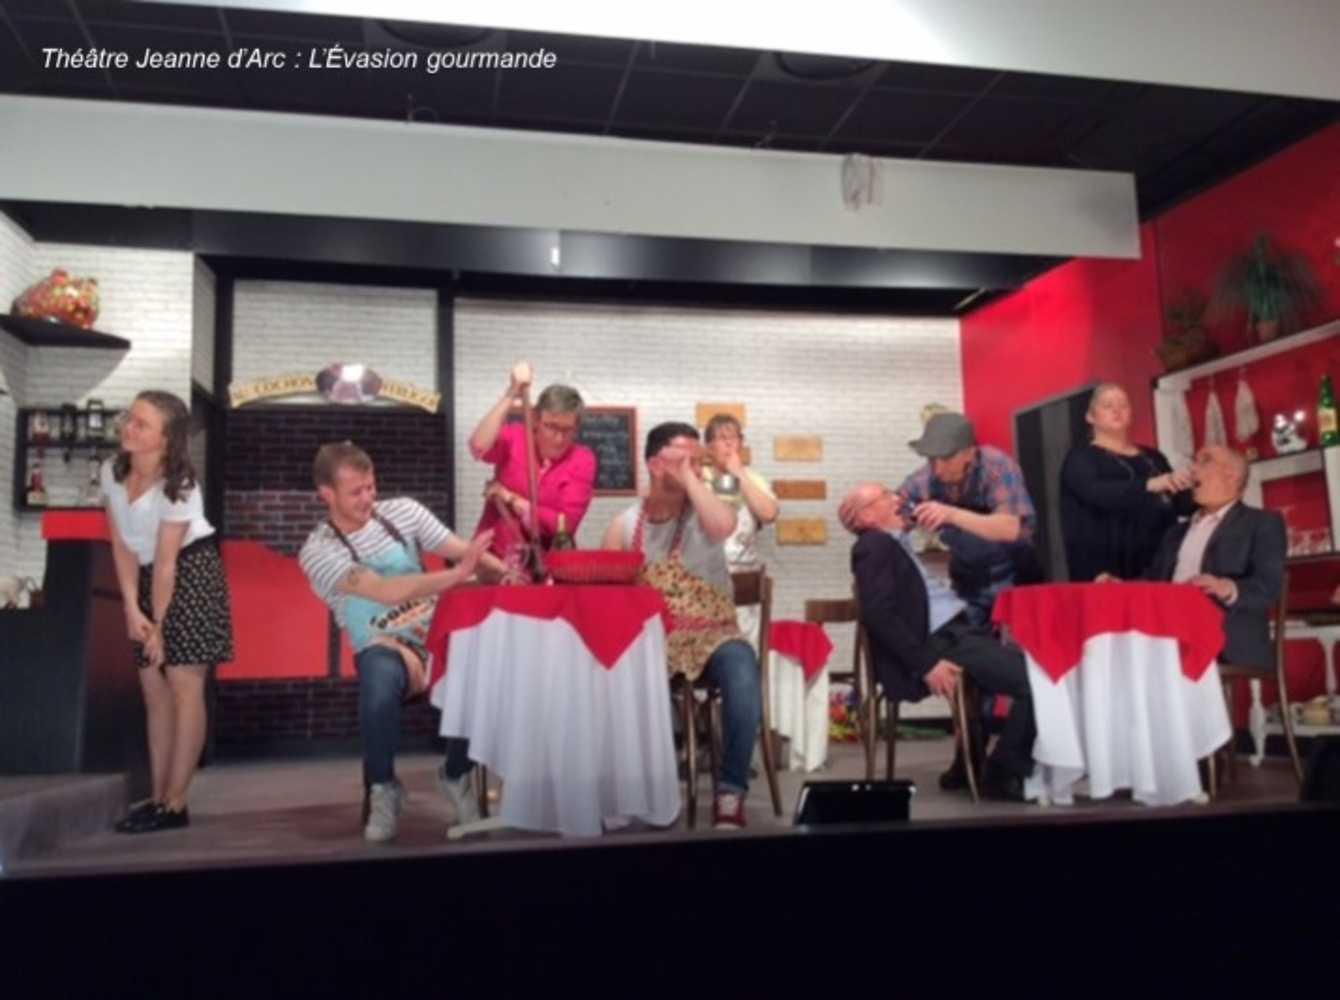 Théâtre Jeanne d''Arc : photos de l''évasion gourmande 0